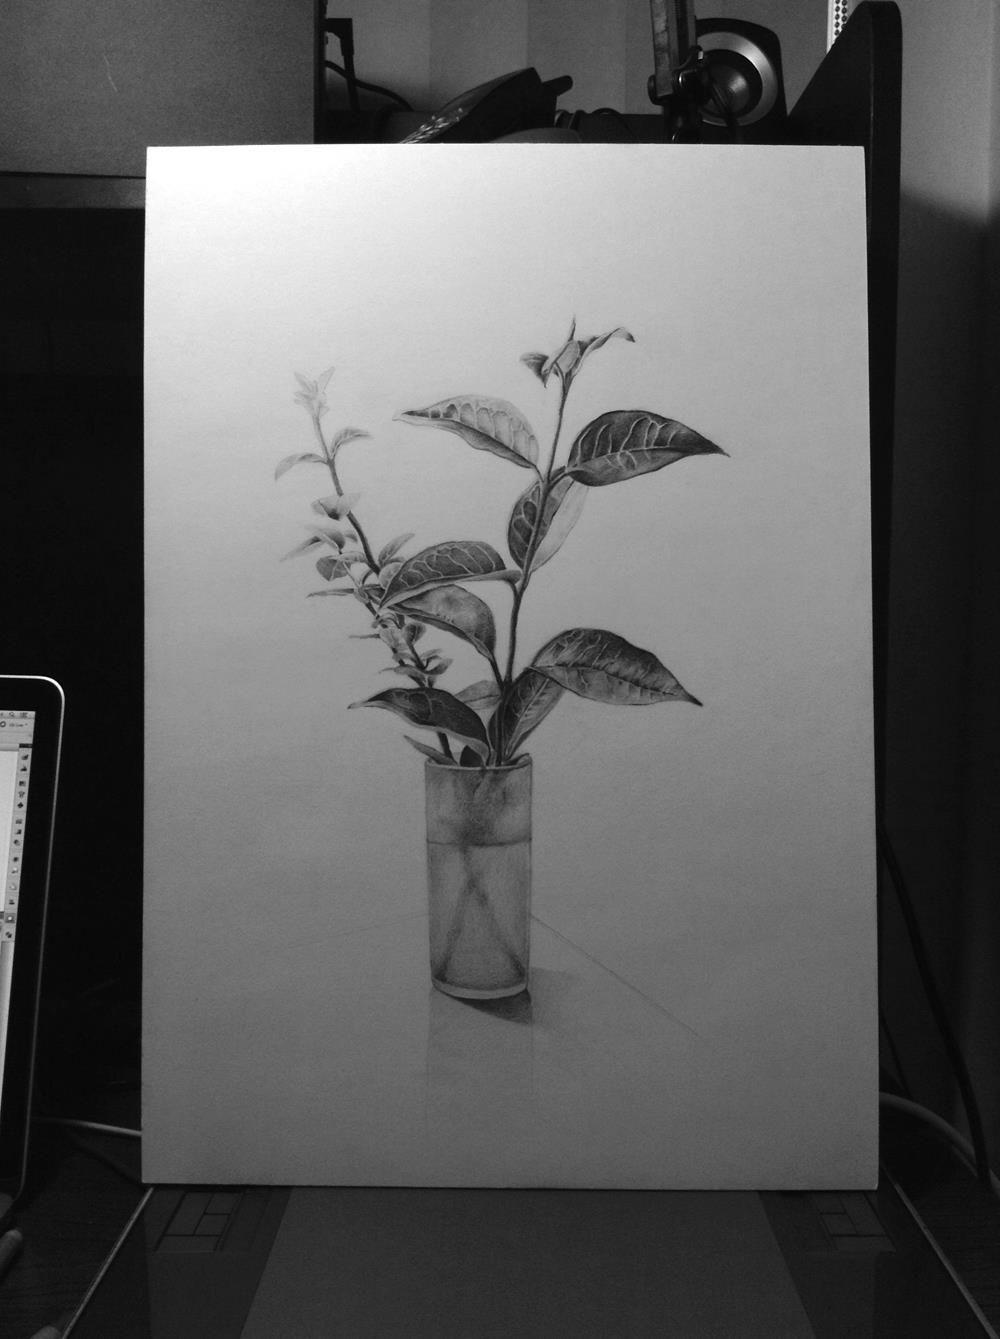 Aprendiendo A Dibujar Con El Lado Derecho Del Cerebro Betty Edwards Draw Drawing Dibujo Artist Betty Lado Derecho Del Cerebro Dibujos Aprender A Dibujar